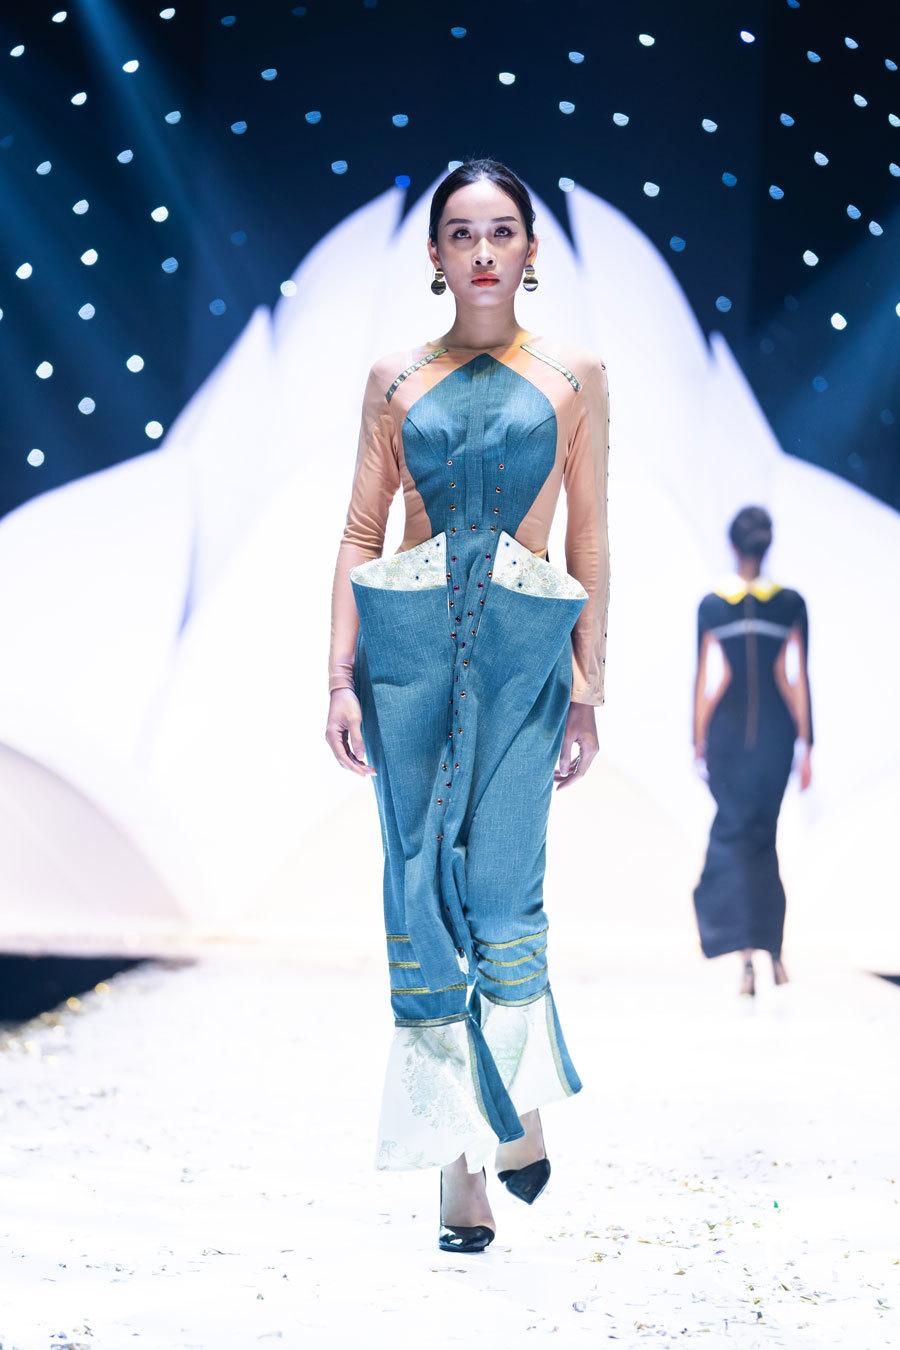 Nhiều bộ sưu tập 'độc, lạ' tại đêm khai mạc Tuần lễ thời trang và làm đẹp quốc tế